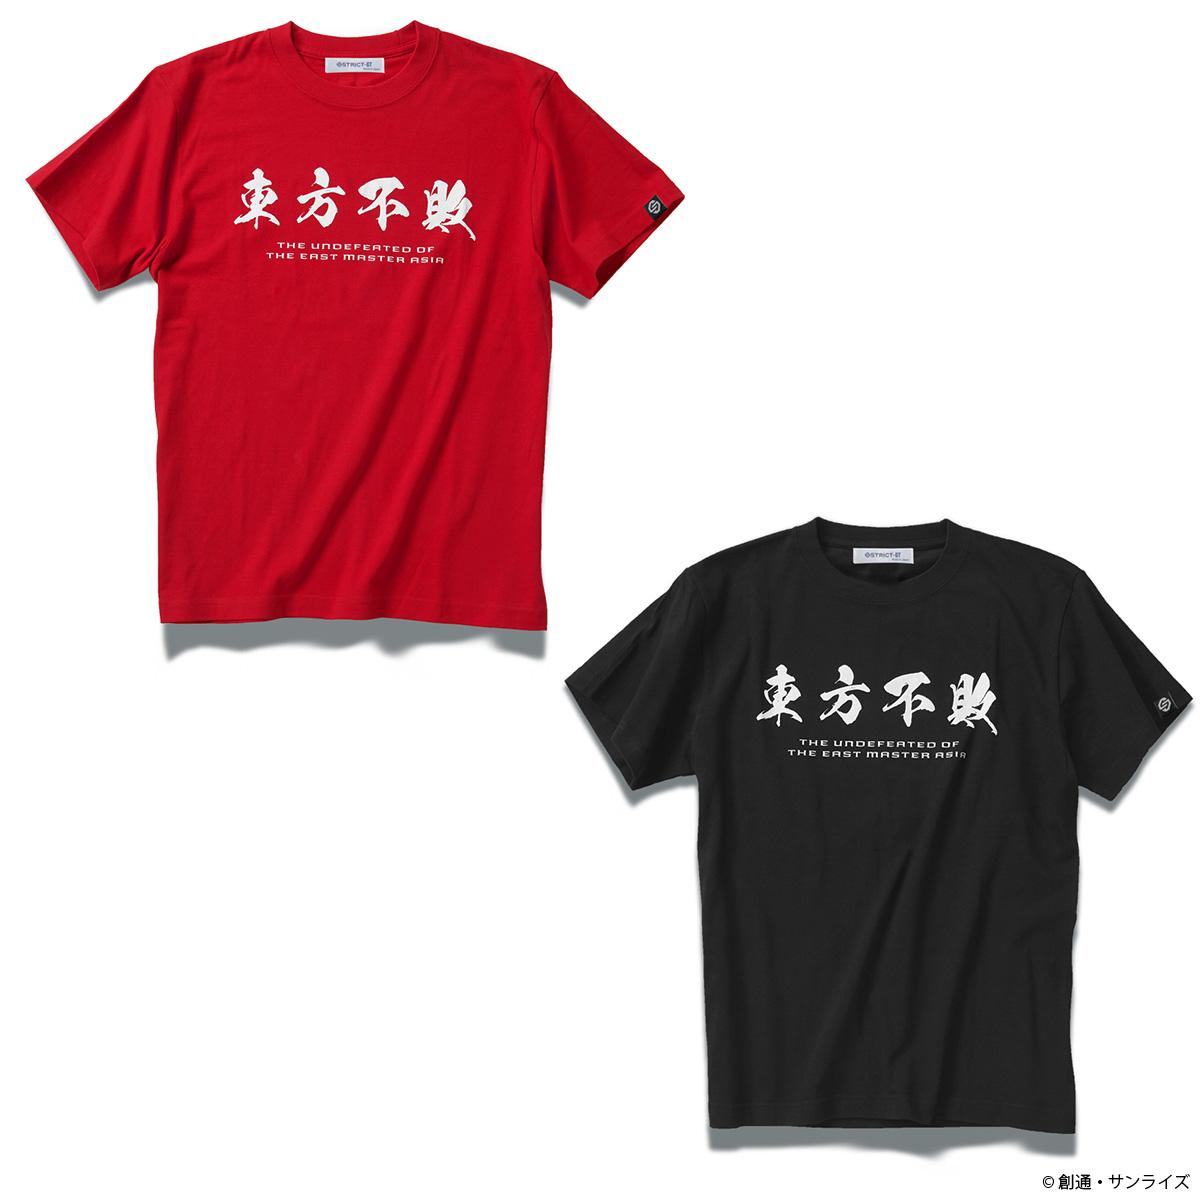 『機動武闘伝 Gガンダム』Tシャツ 東方不敗柄